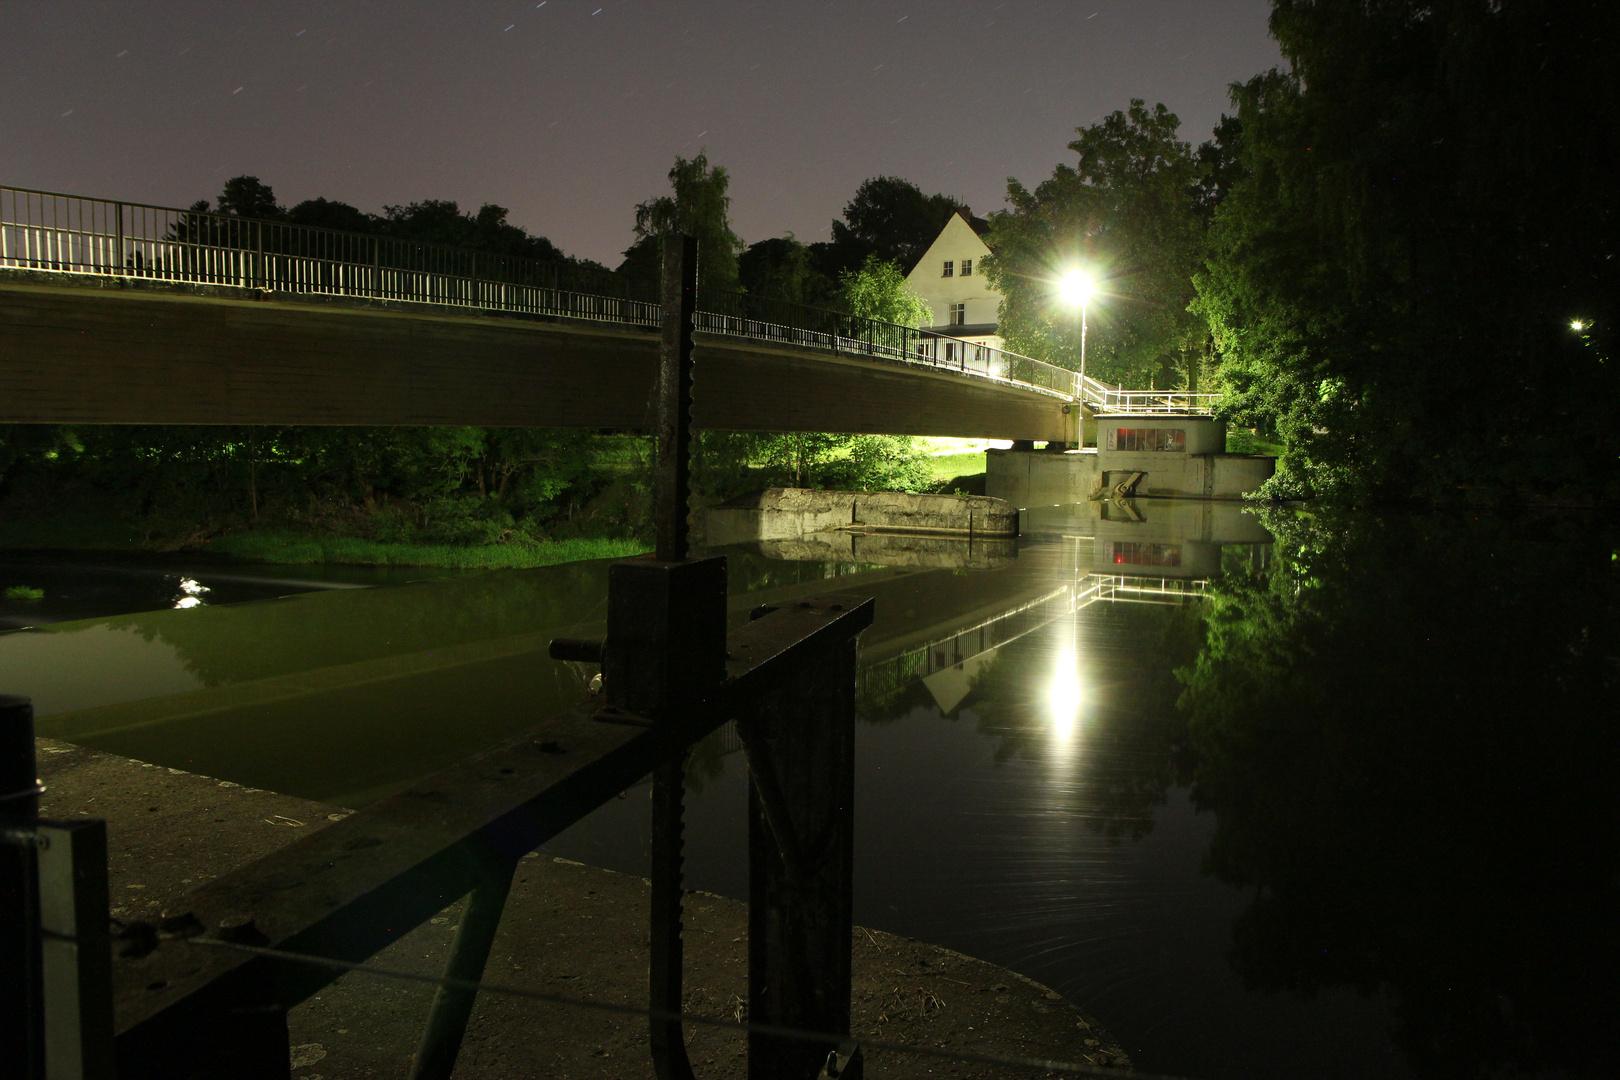 Sielwehr bei Nacht